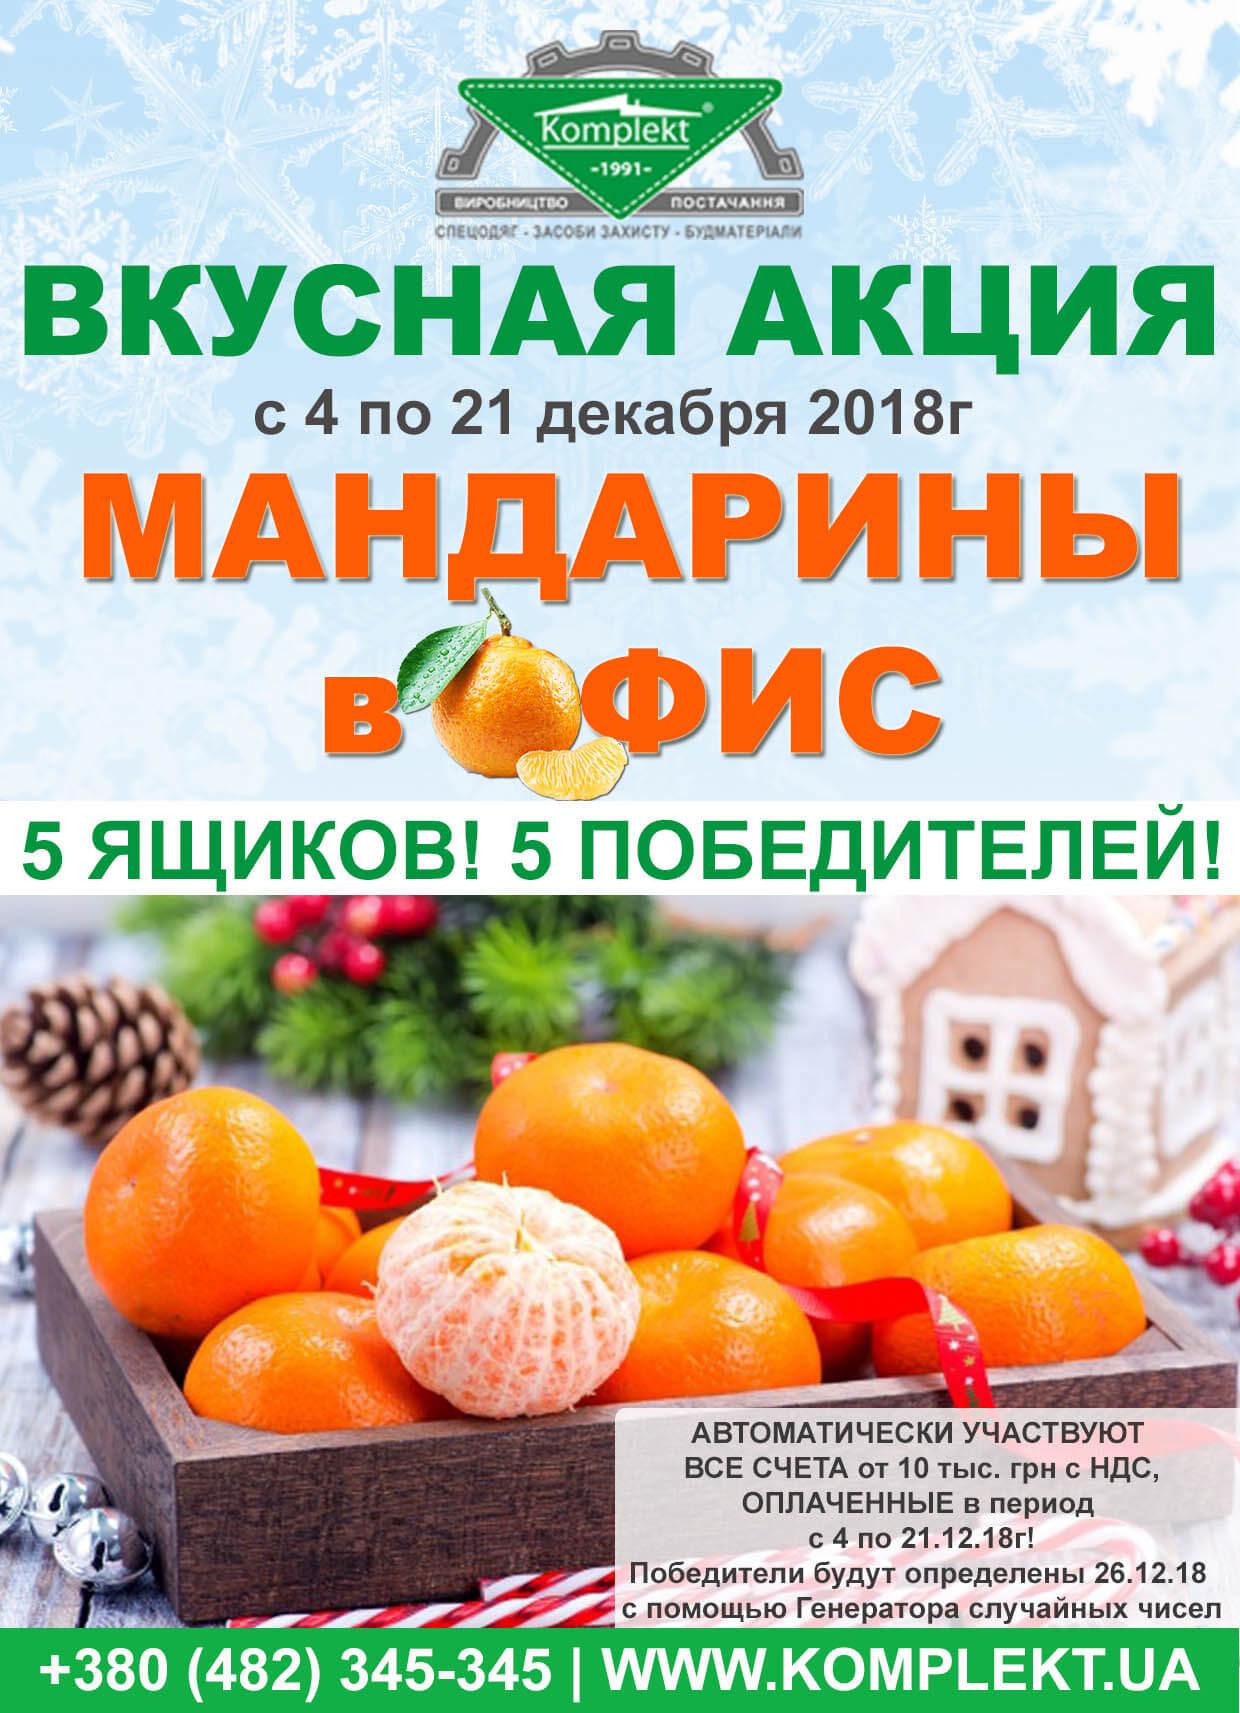 мандарины акция